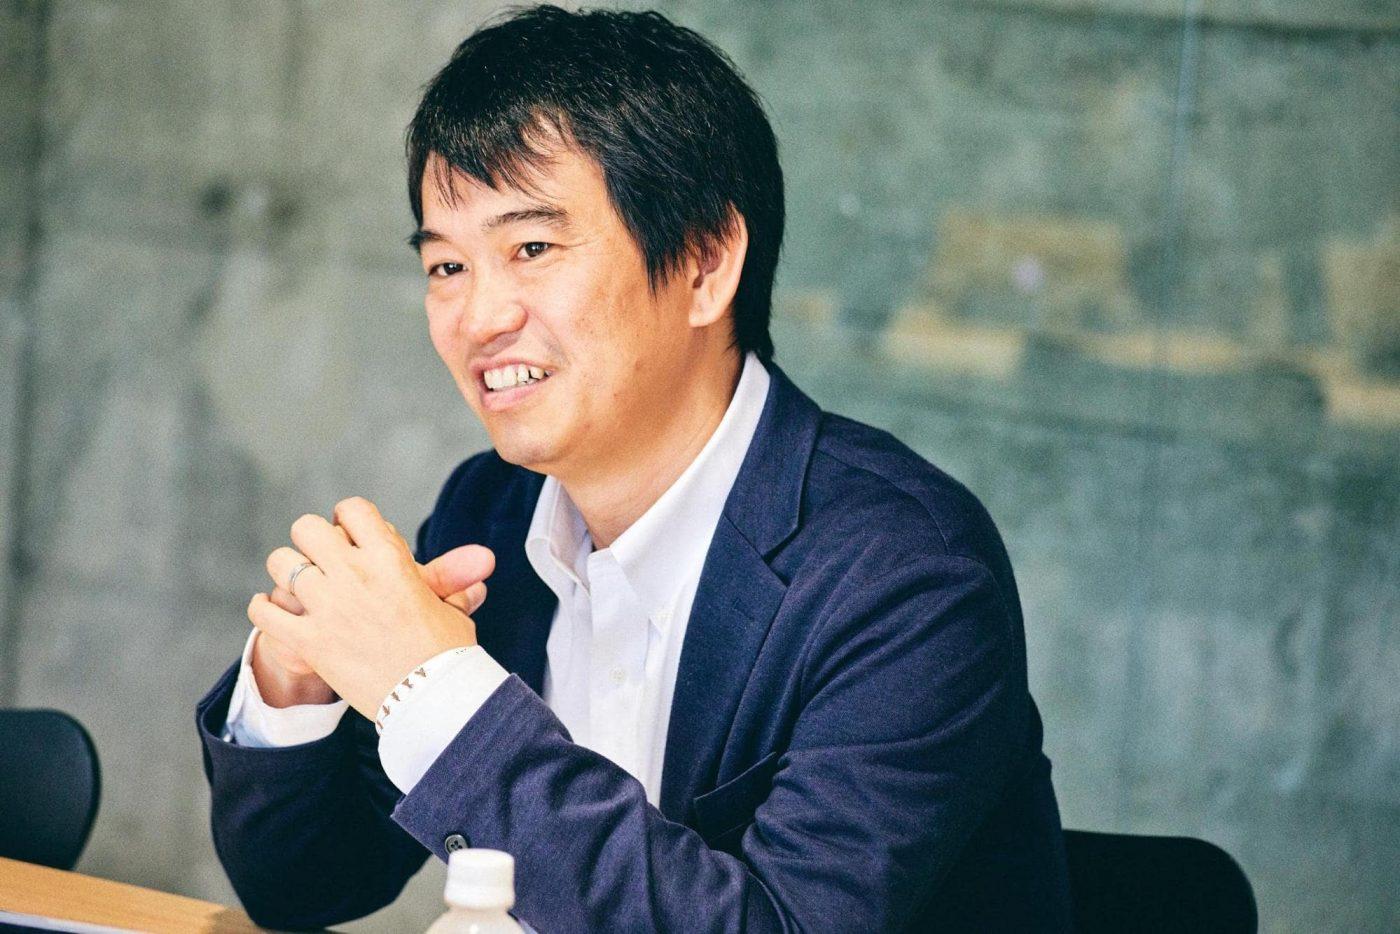 敗戦から74年間で経済を成長させた日本人、そして侍の魂の宿った日本人が、これから世界に向けて一体なにができるのだろうか。 その答えは、起業家一人ひとりの行動によって、変わってくるのだ。